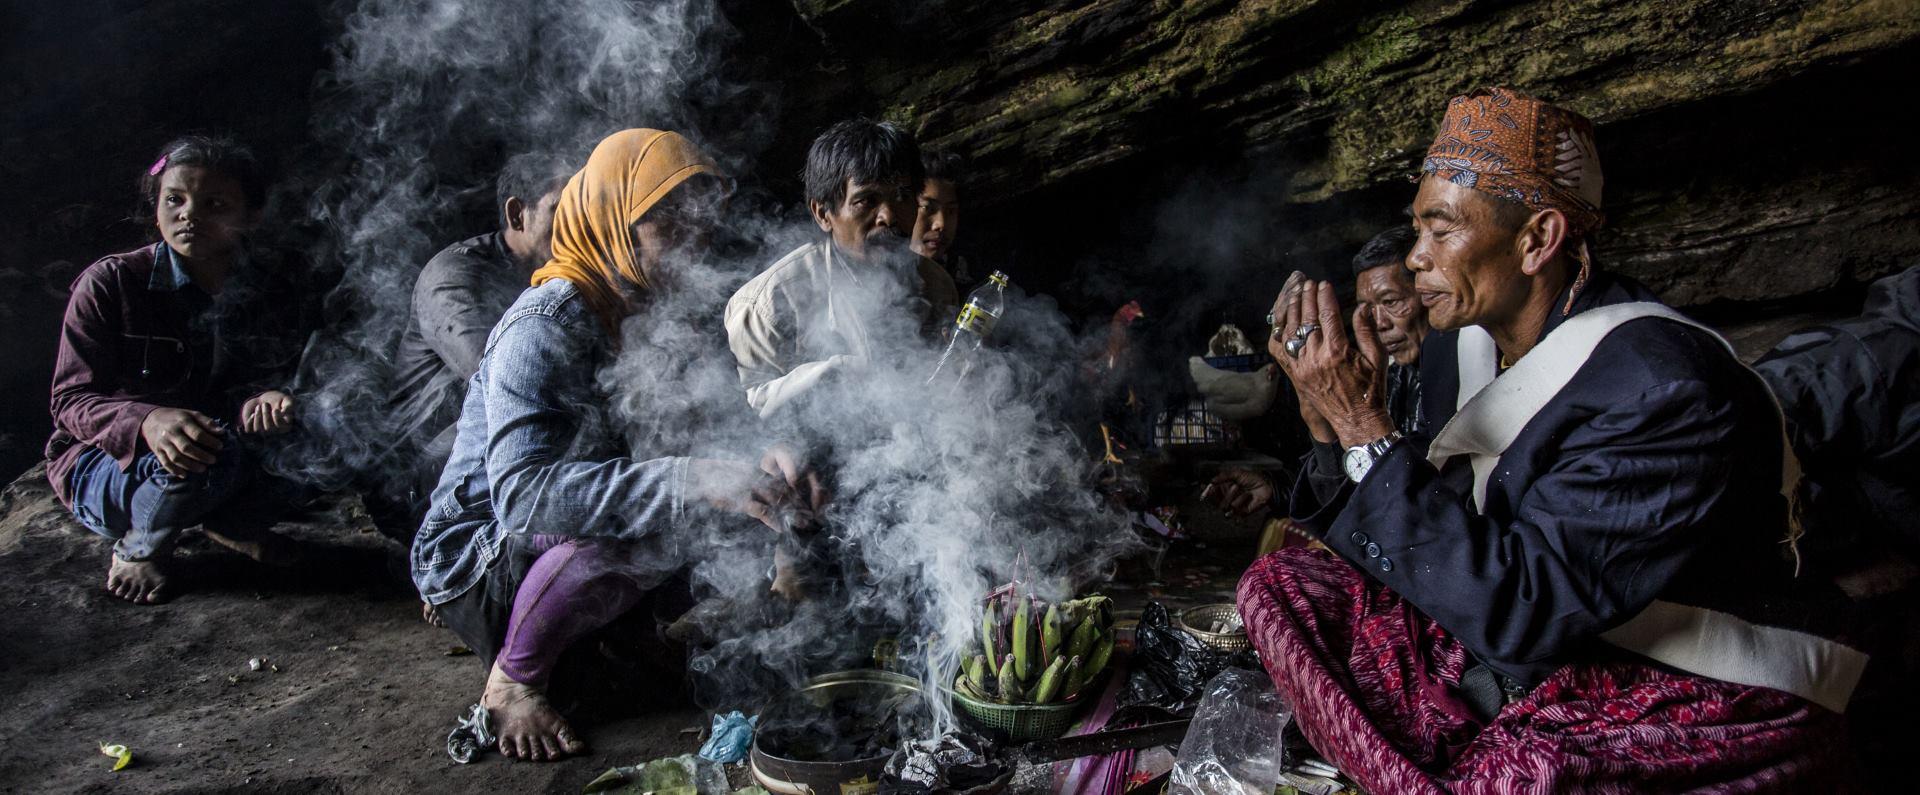 INTERESANTNO Hinduistički vjernici prinose žrtvu vulkanu